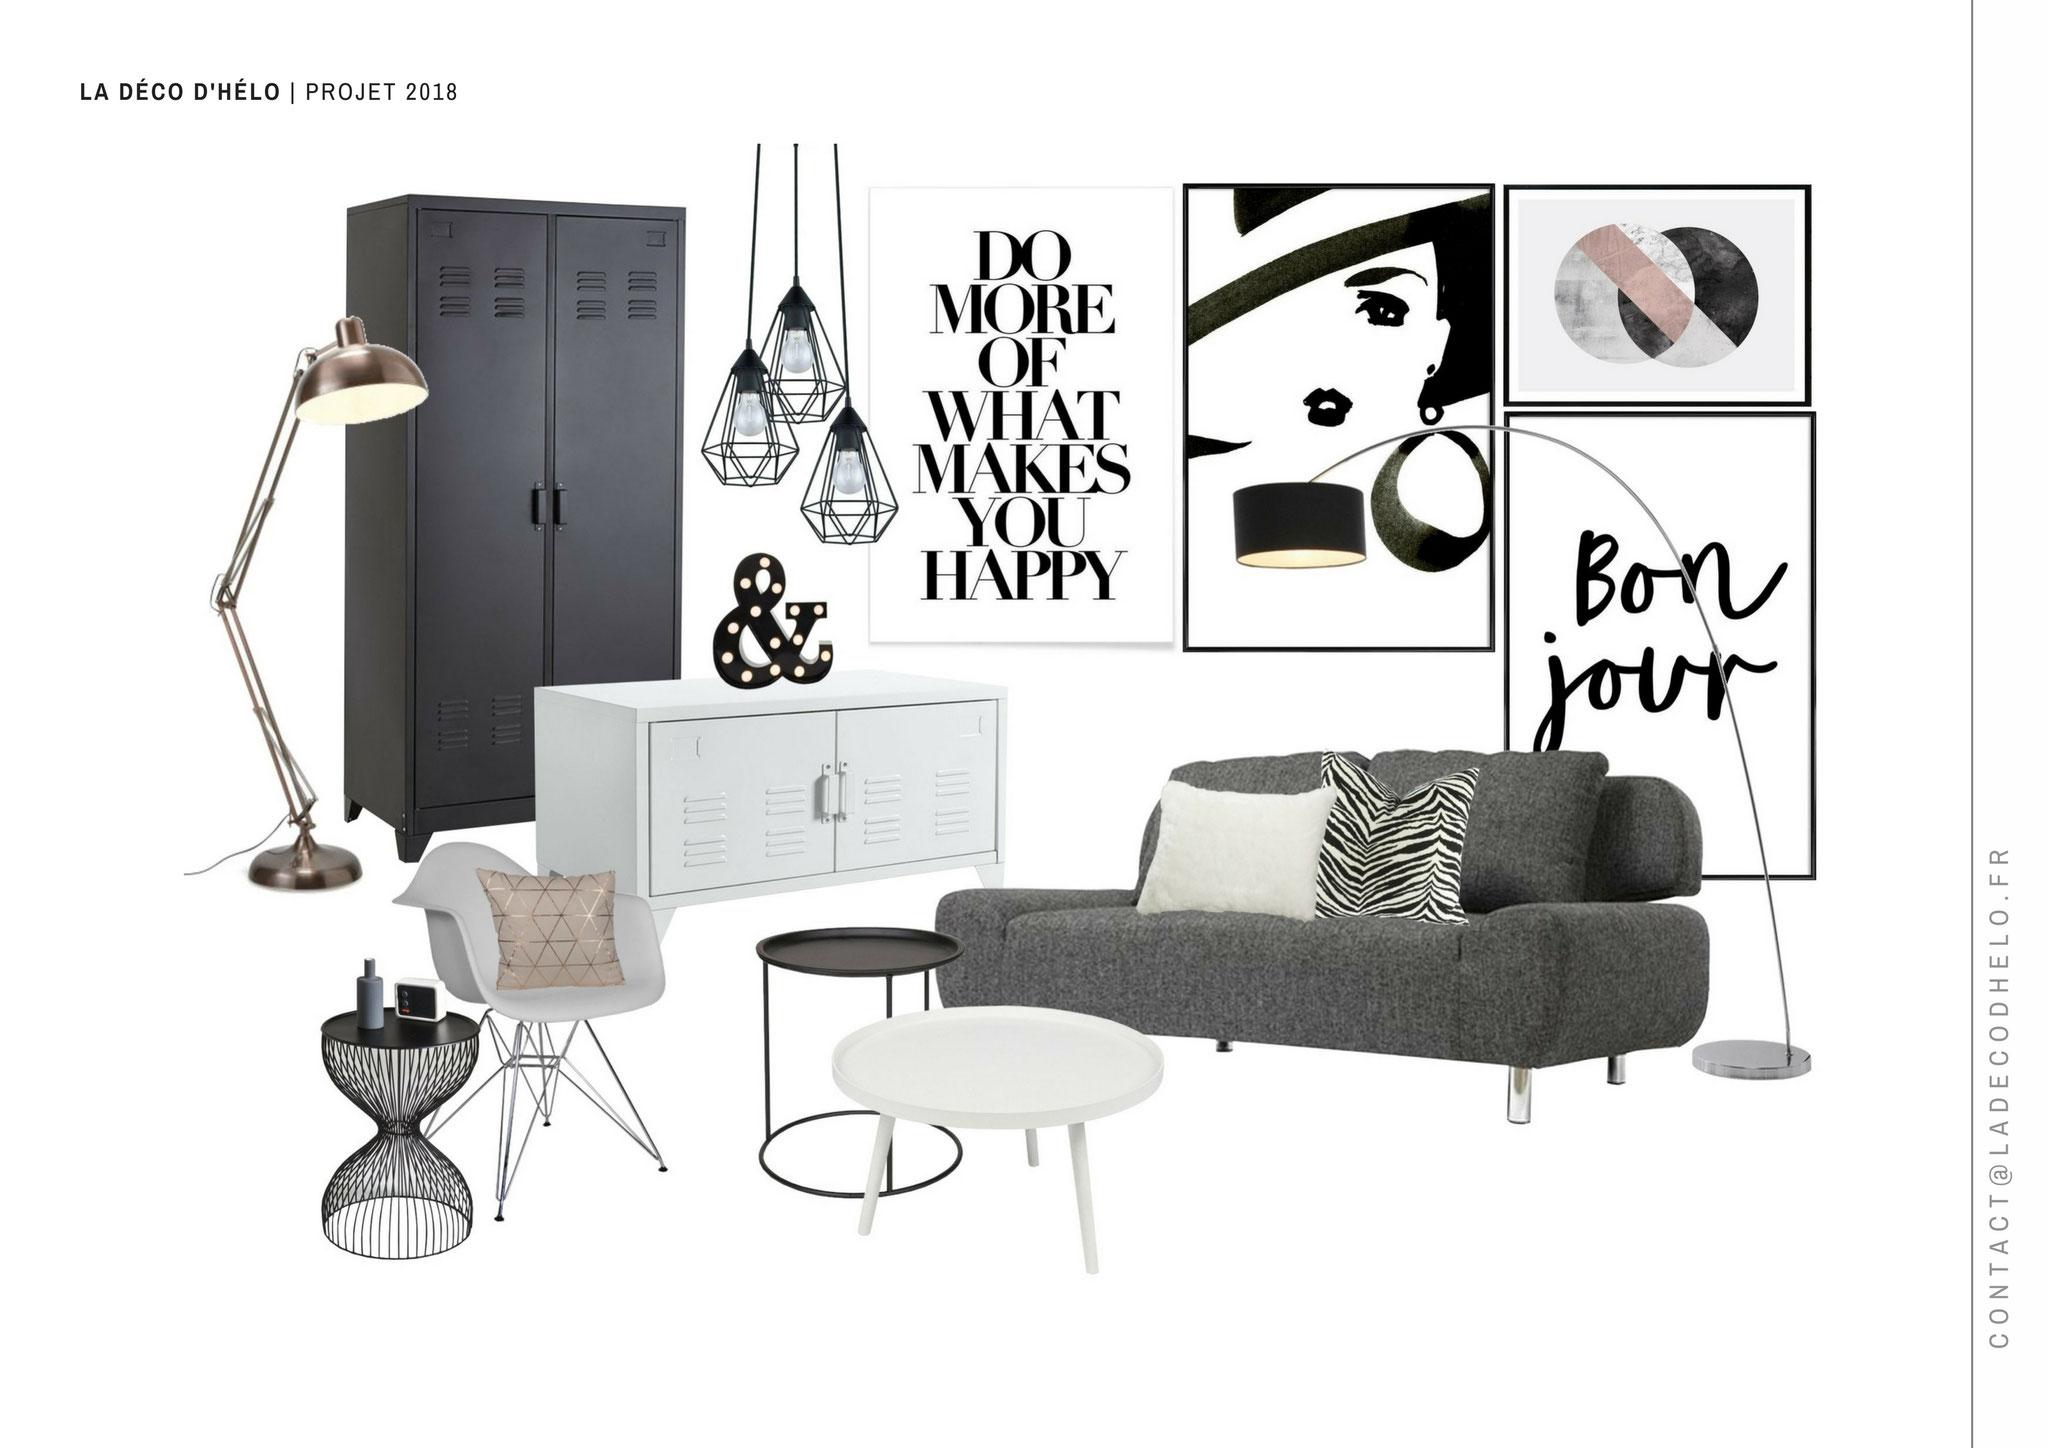 Shopping mobilier, petite déco et luminaires : Projet Uriage | © La Déco d'Hélo, 2018.